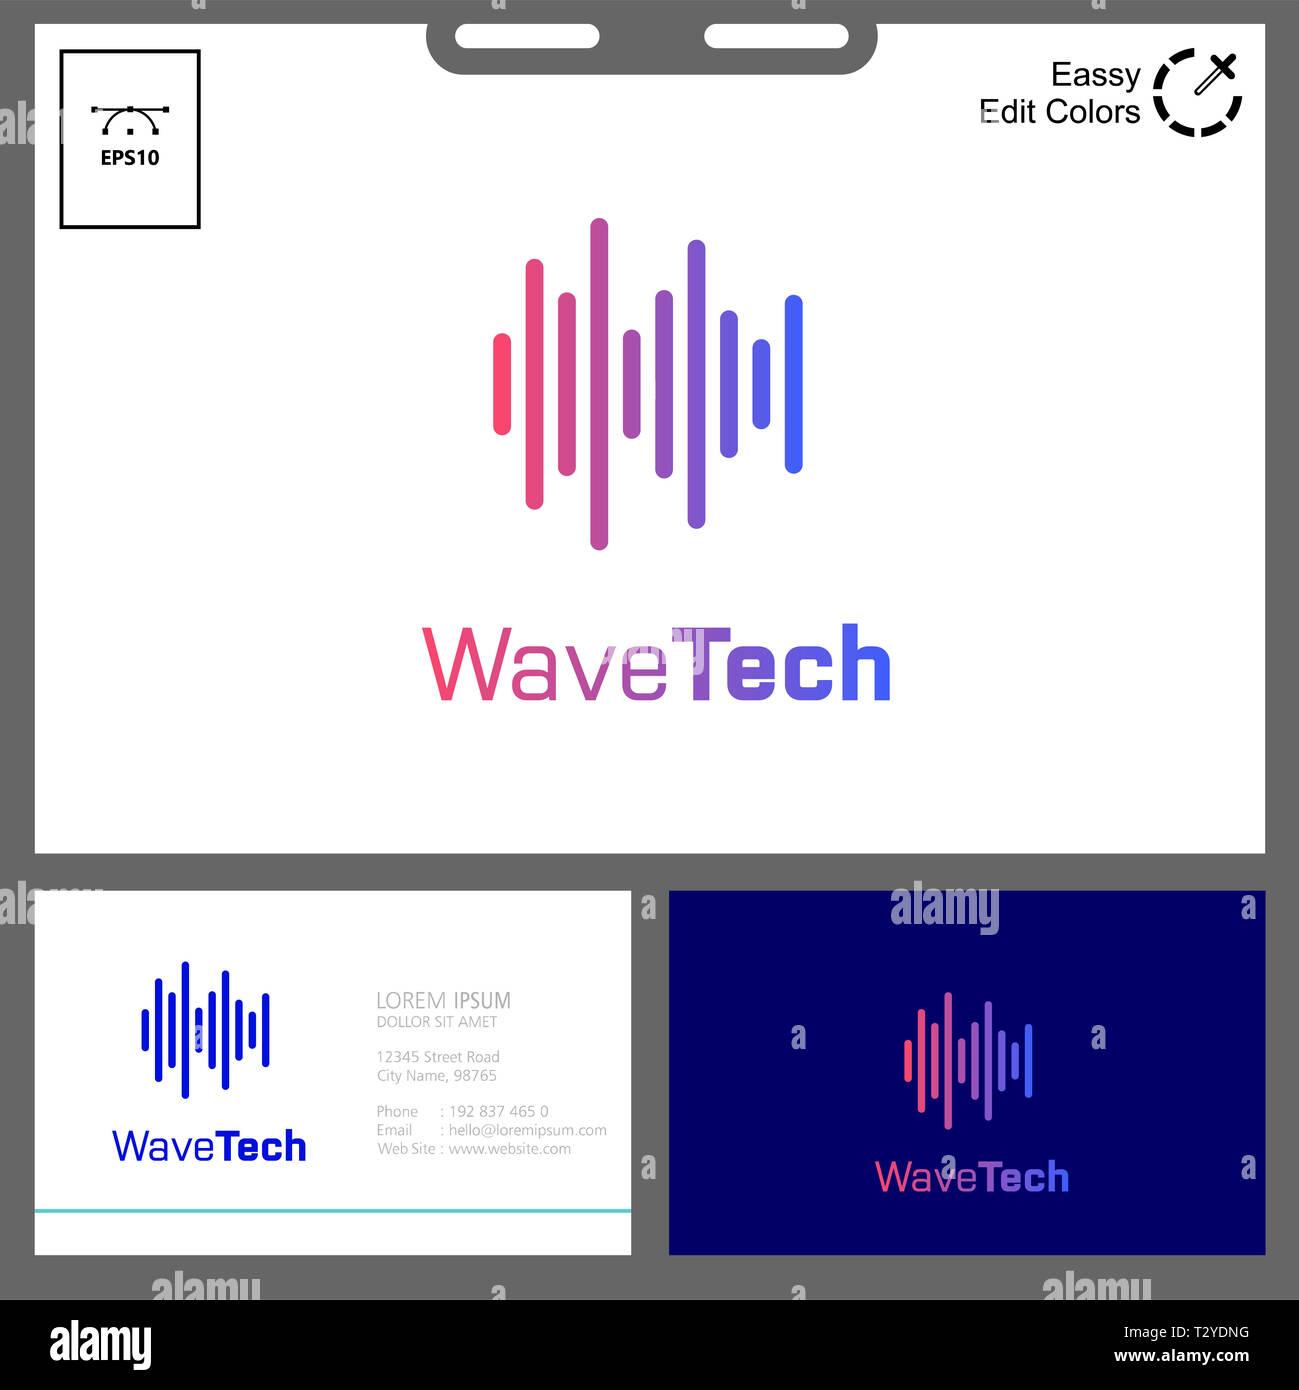 Può essere usato a web business card nome, flayer, app logo etc Immagini Stock